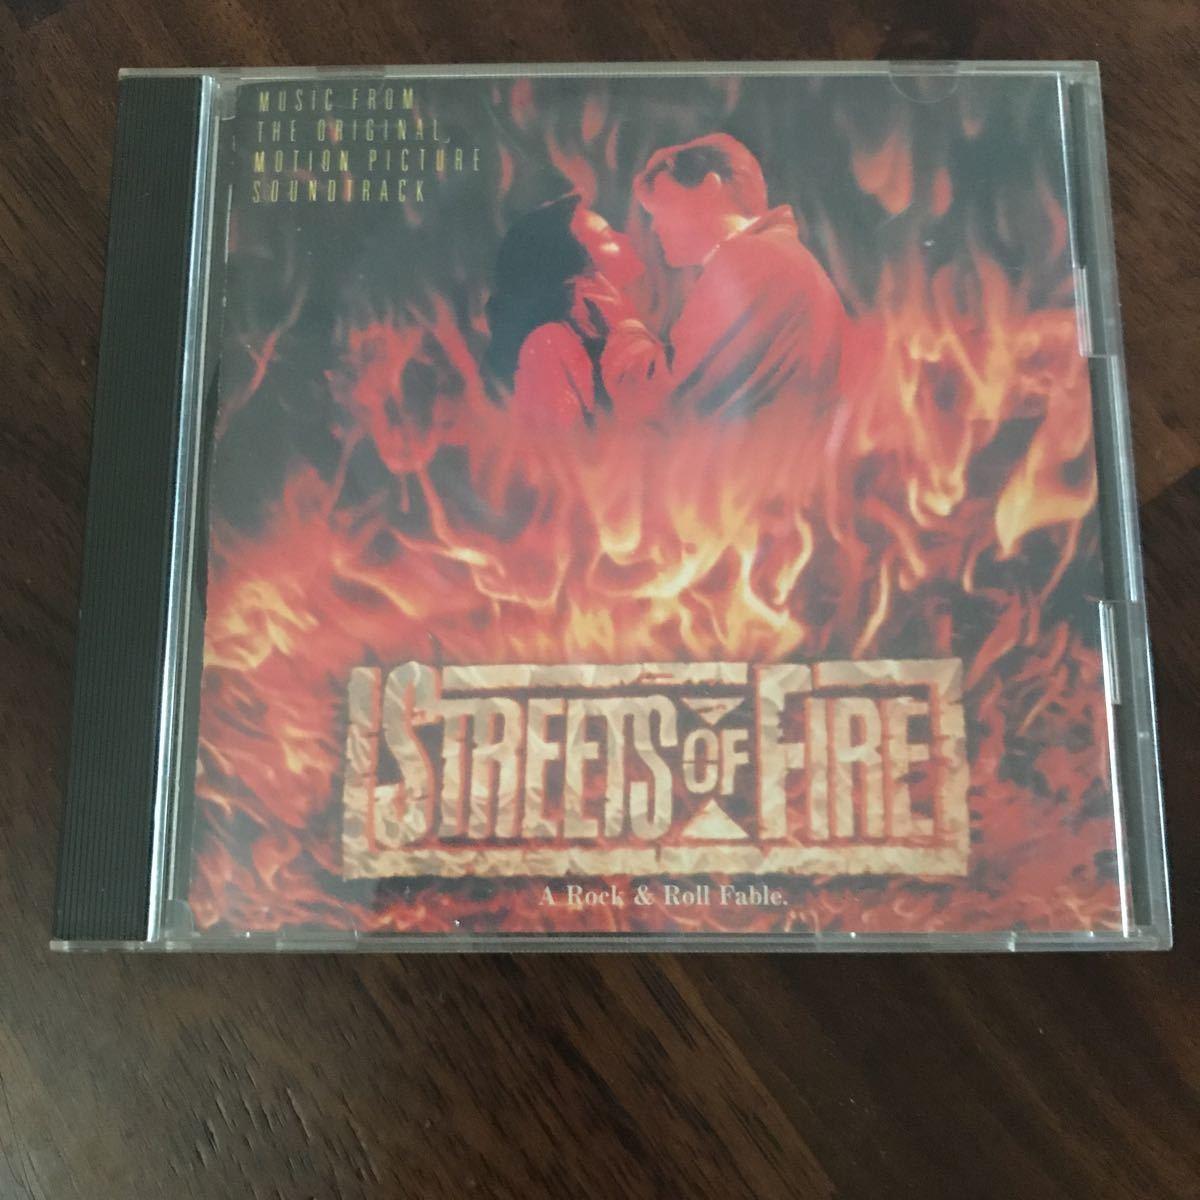 ストリート オブ ファイヤー CD オリジナル・サウンドトラック c54